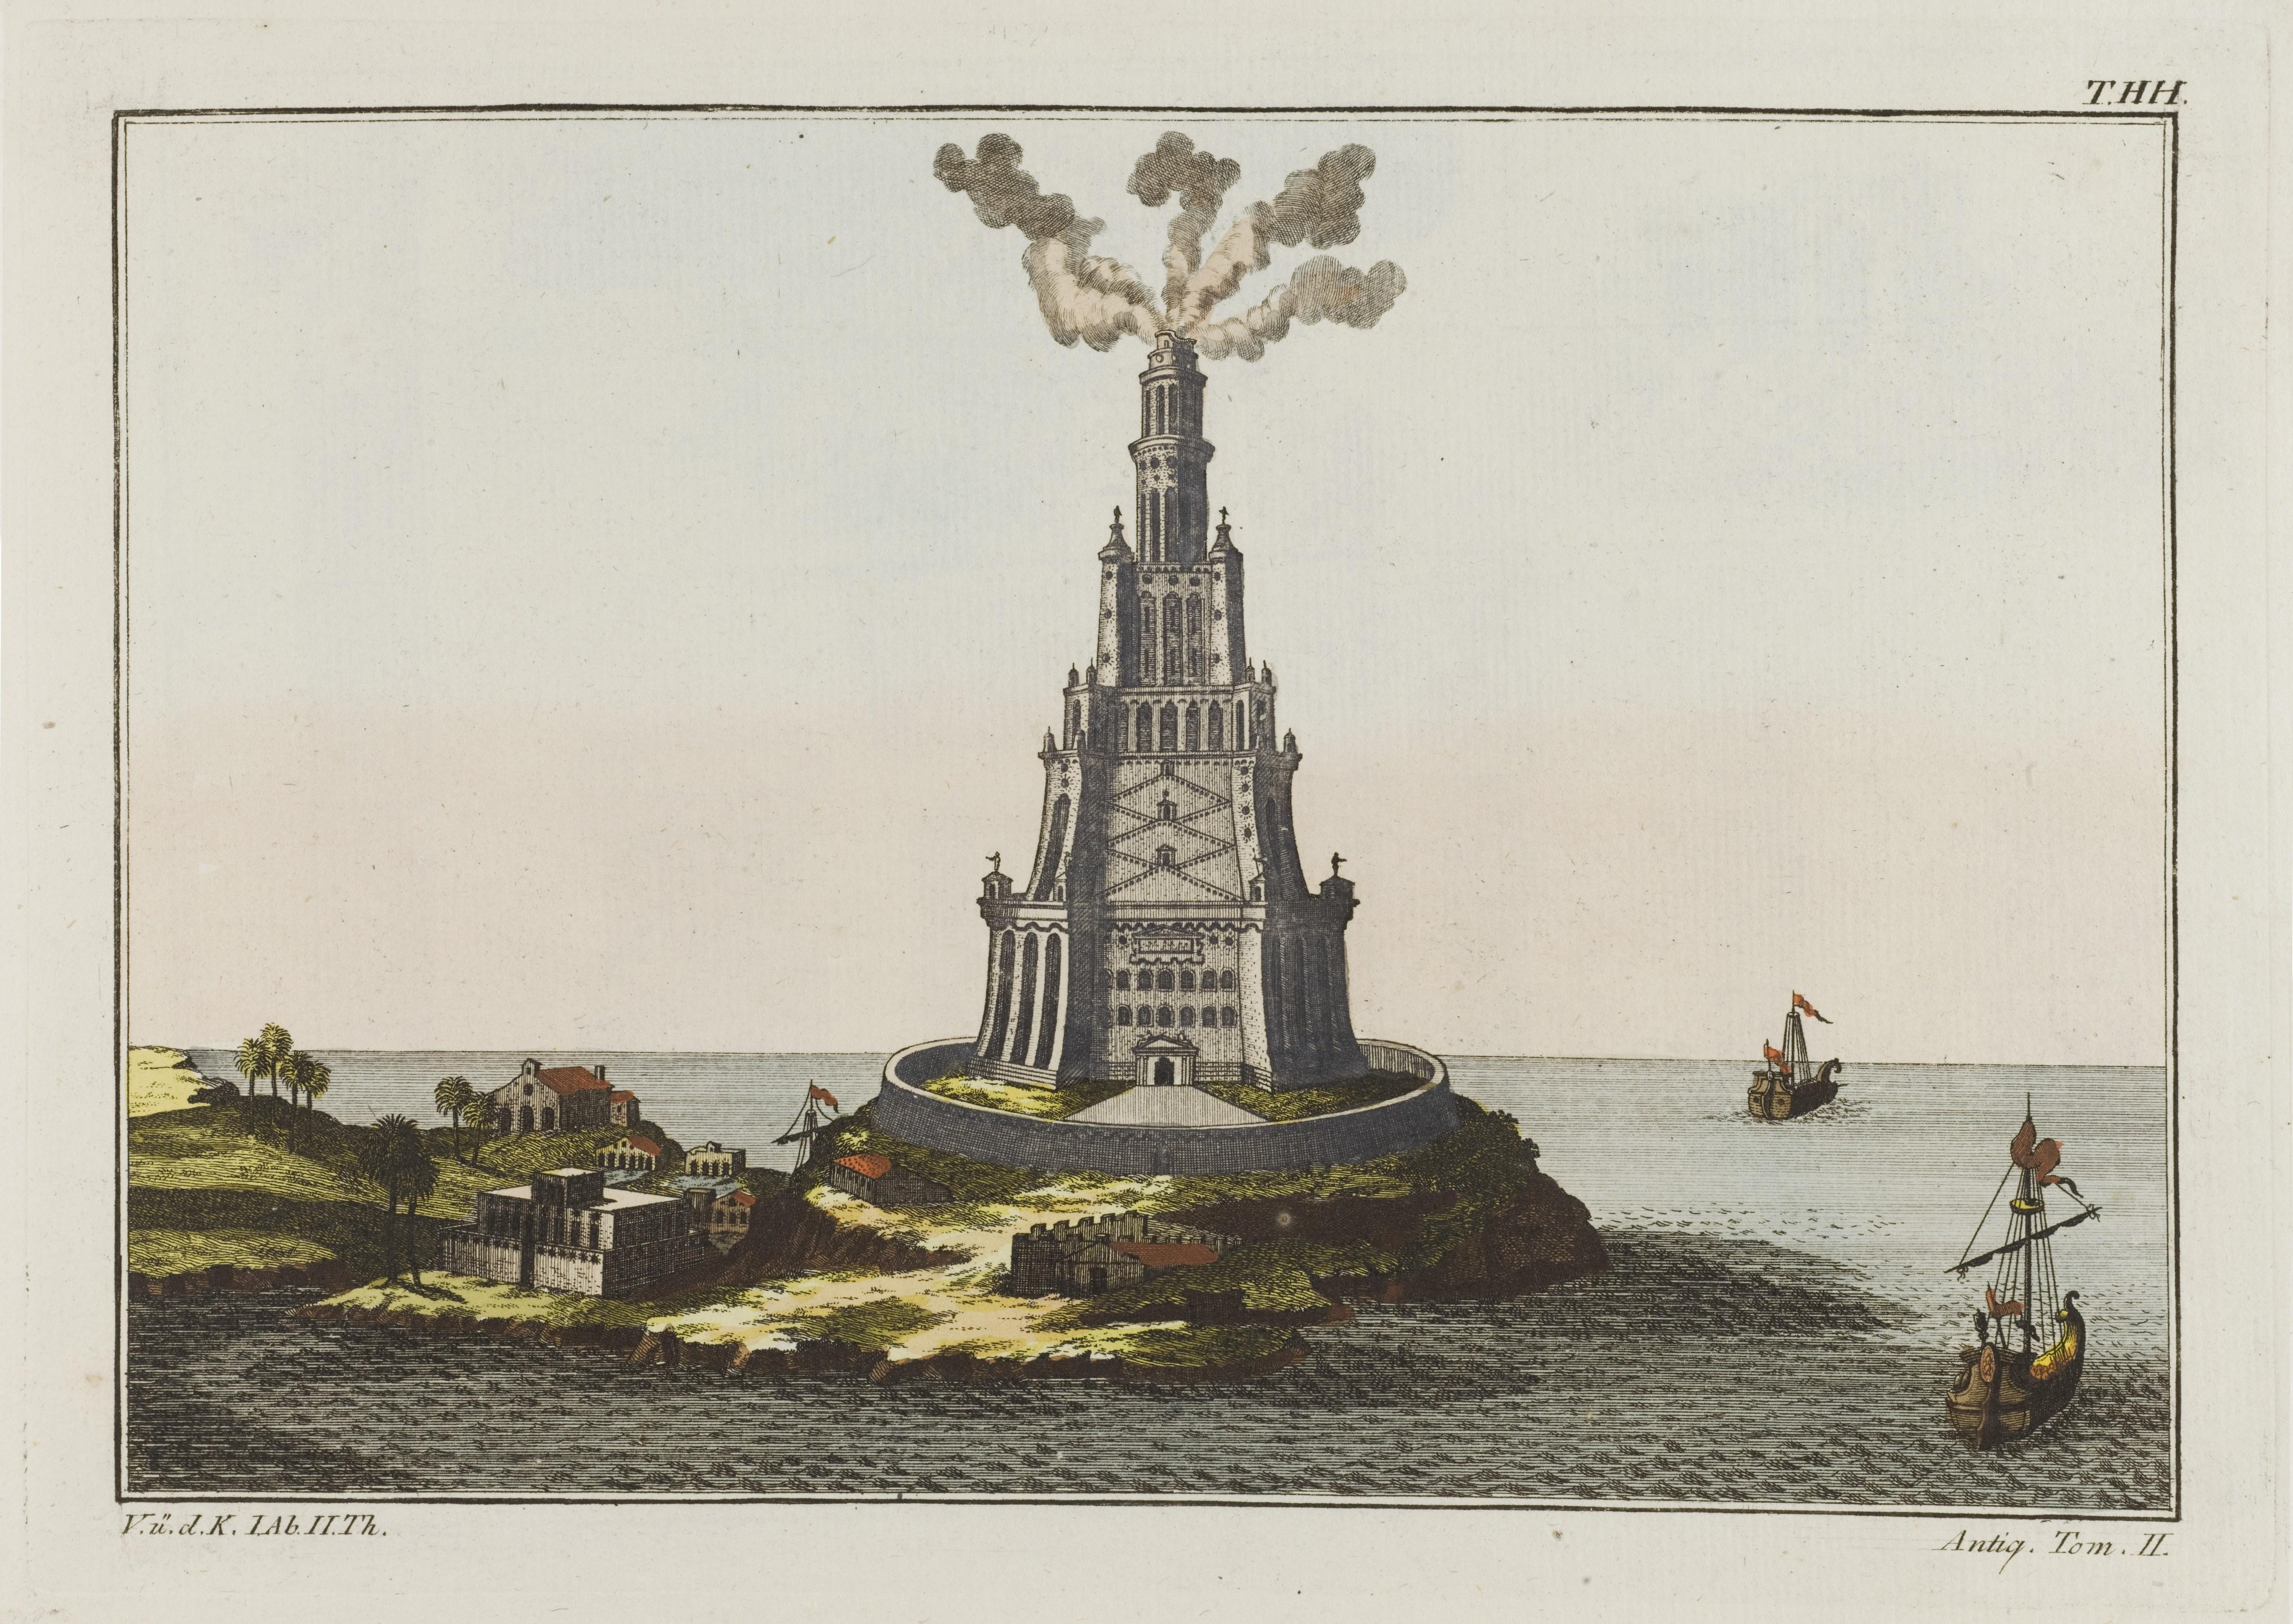 Александрийский маяк. Гравюра-реконструкция начала XIX века. Источник https://upload.wikimedia.org/